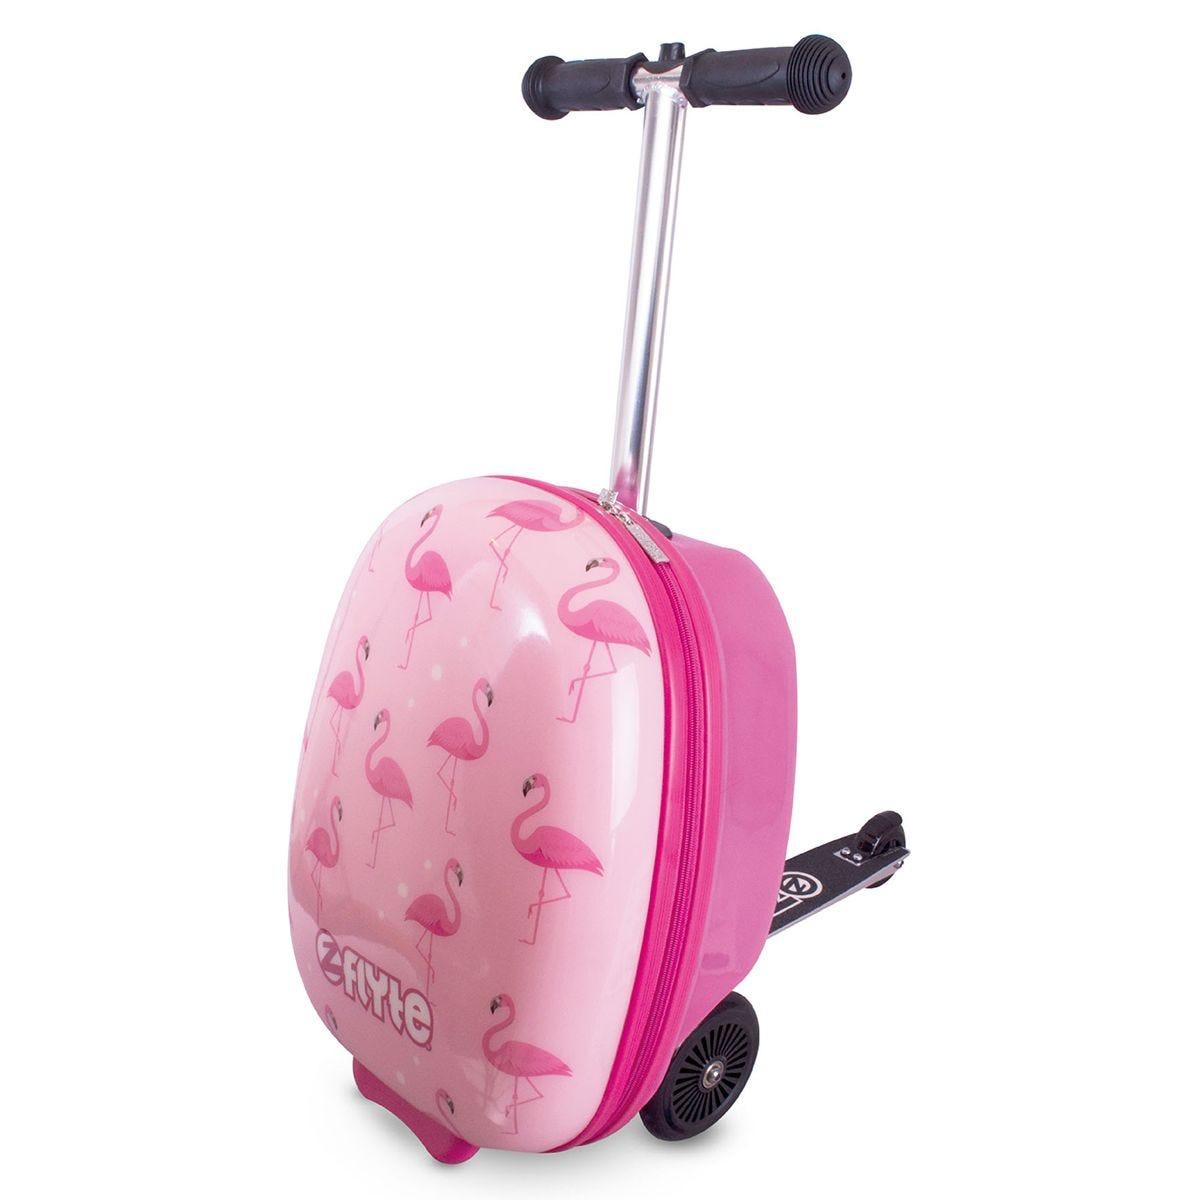 Flyte - Fifi the Flamingo Midi